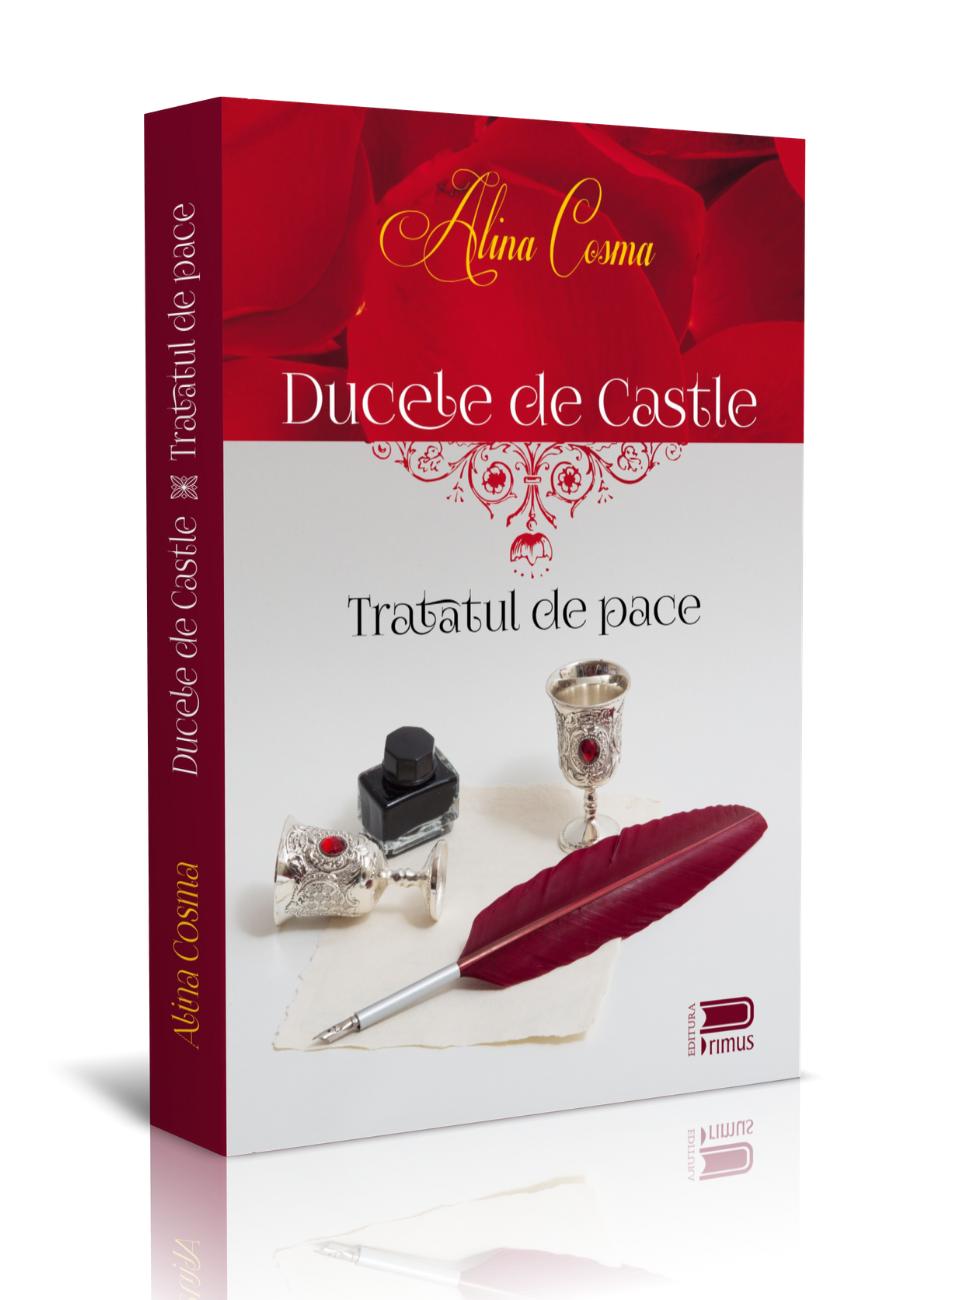 Ducele de Castle. Tratatul de pace – Alina Cosma – Ups blog